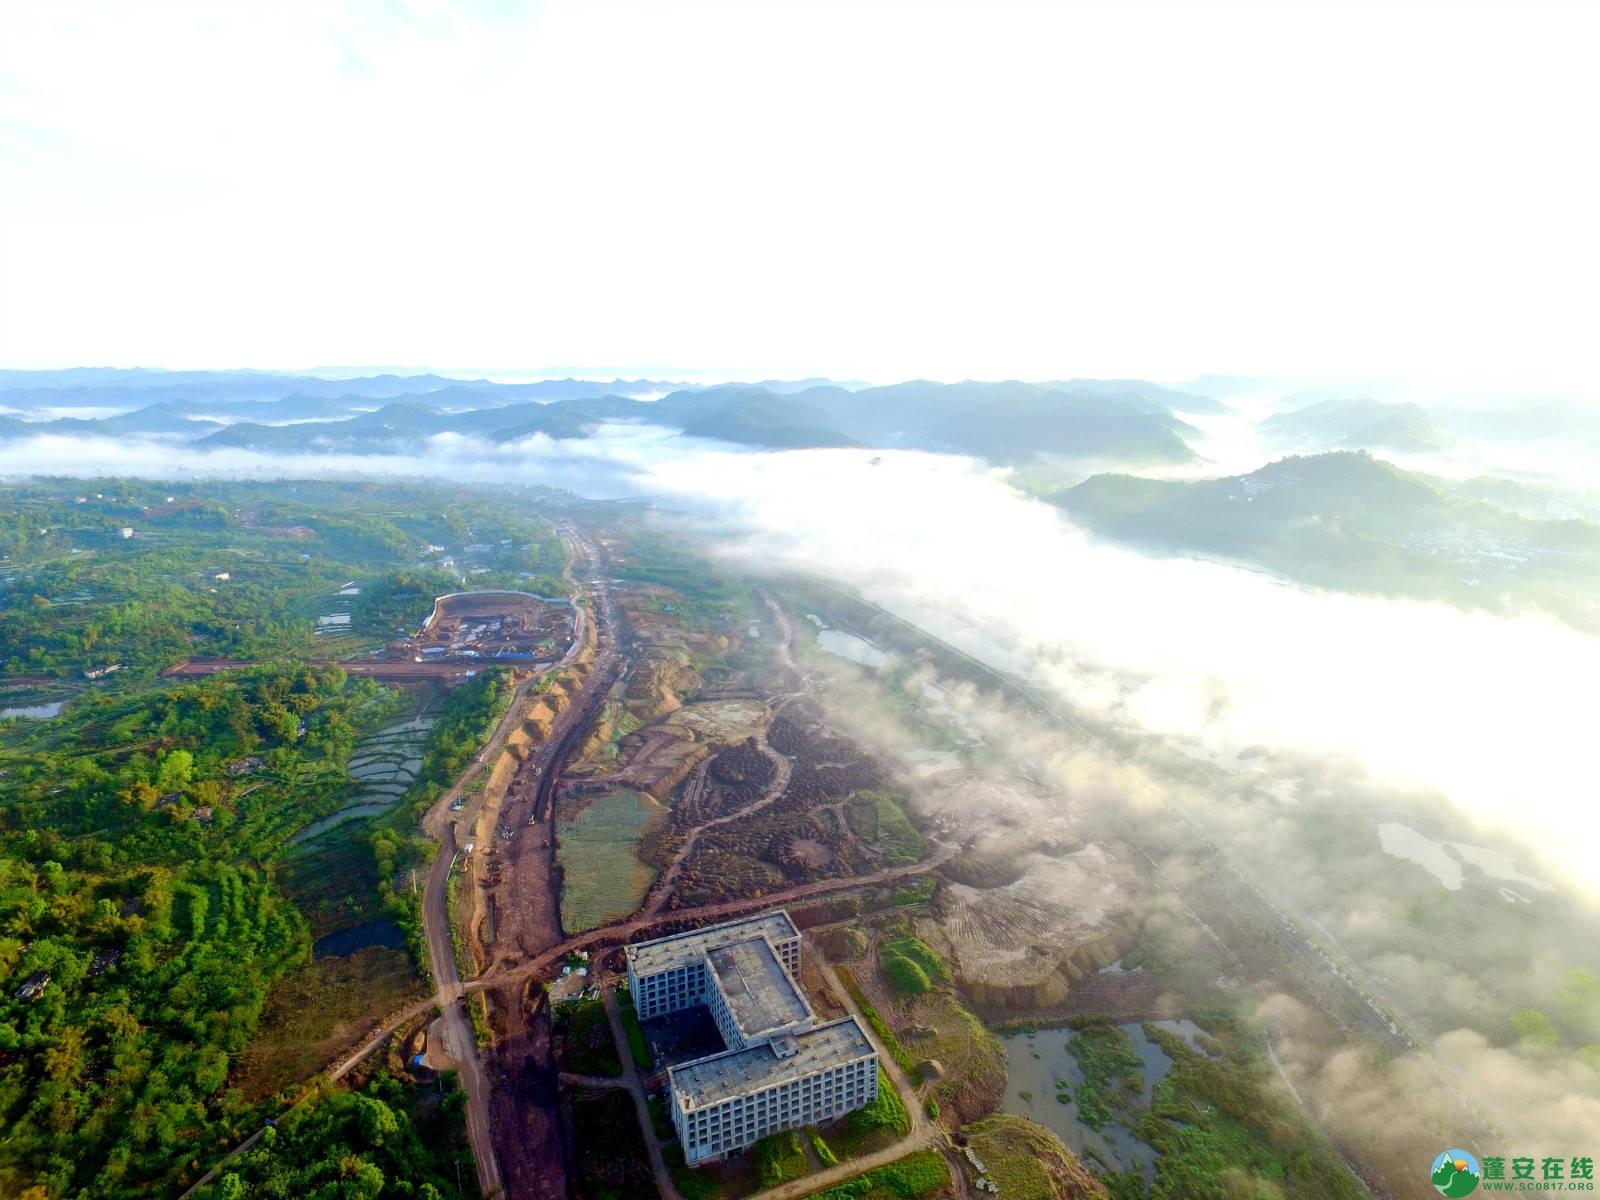 雾境蓬安 - 第17张  | 蓬安在线